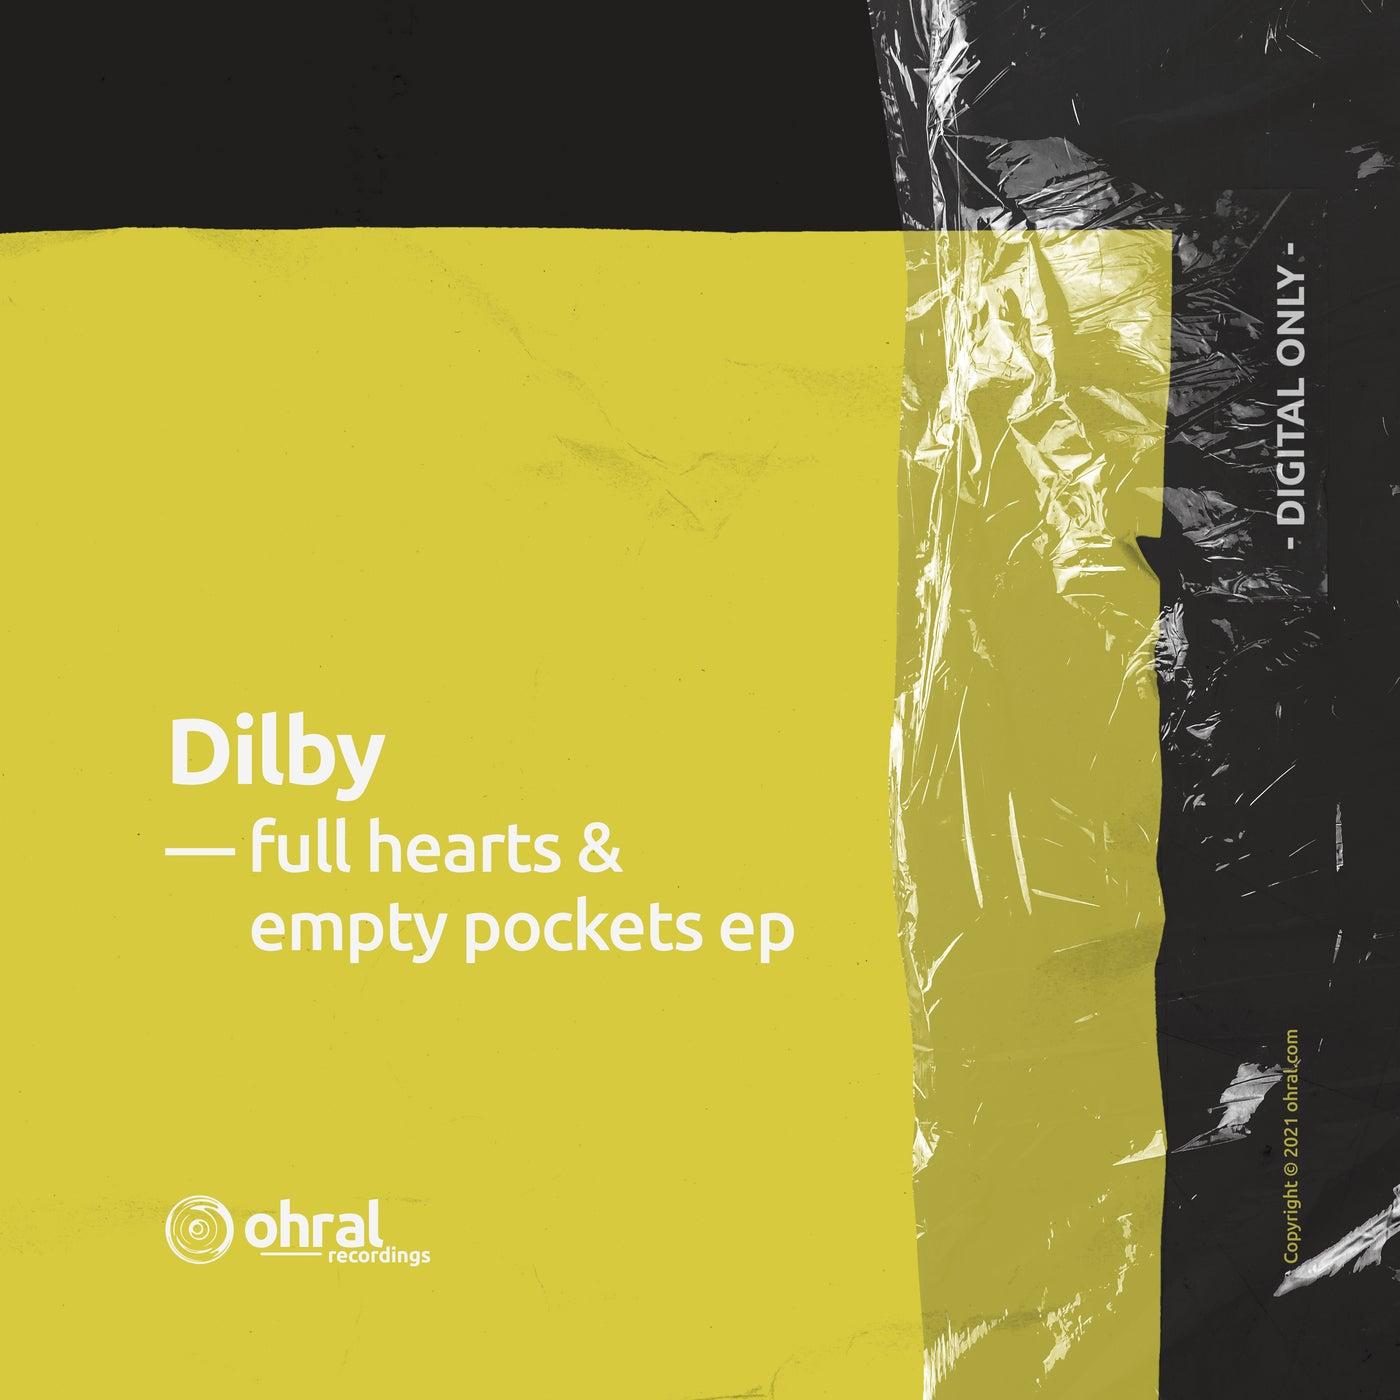 Full Hearts & Empty Pockets (Original Mix)